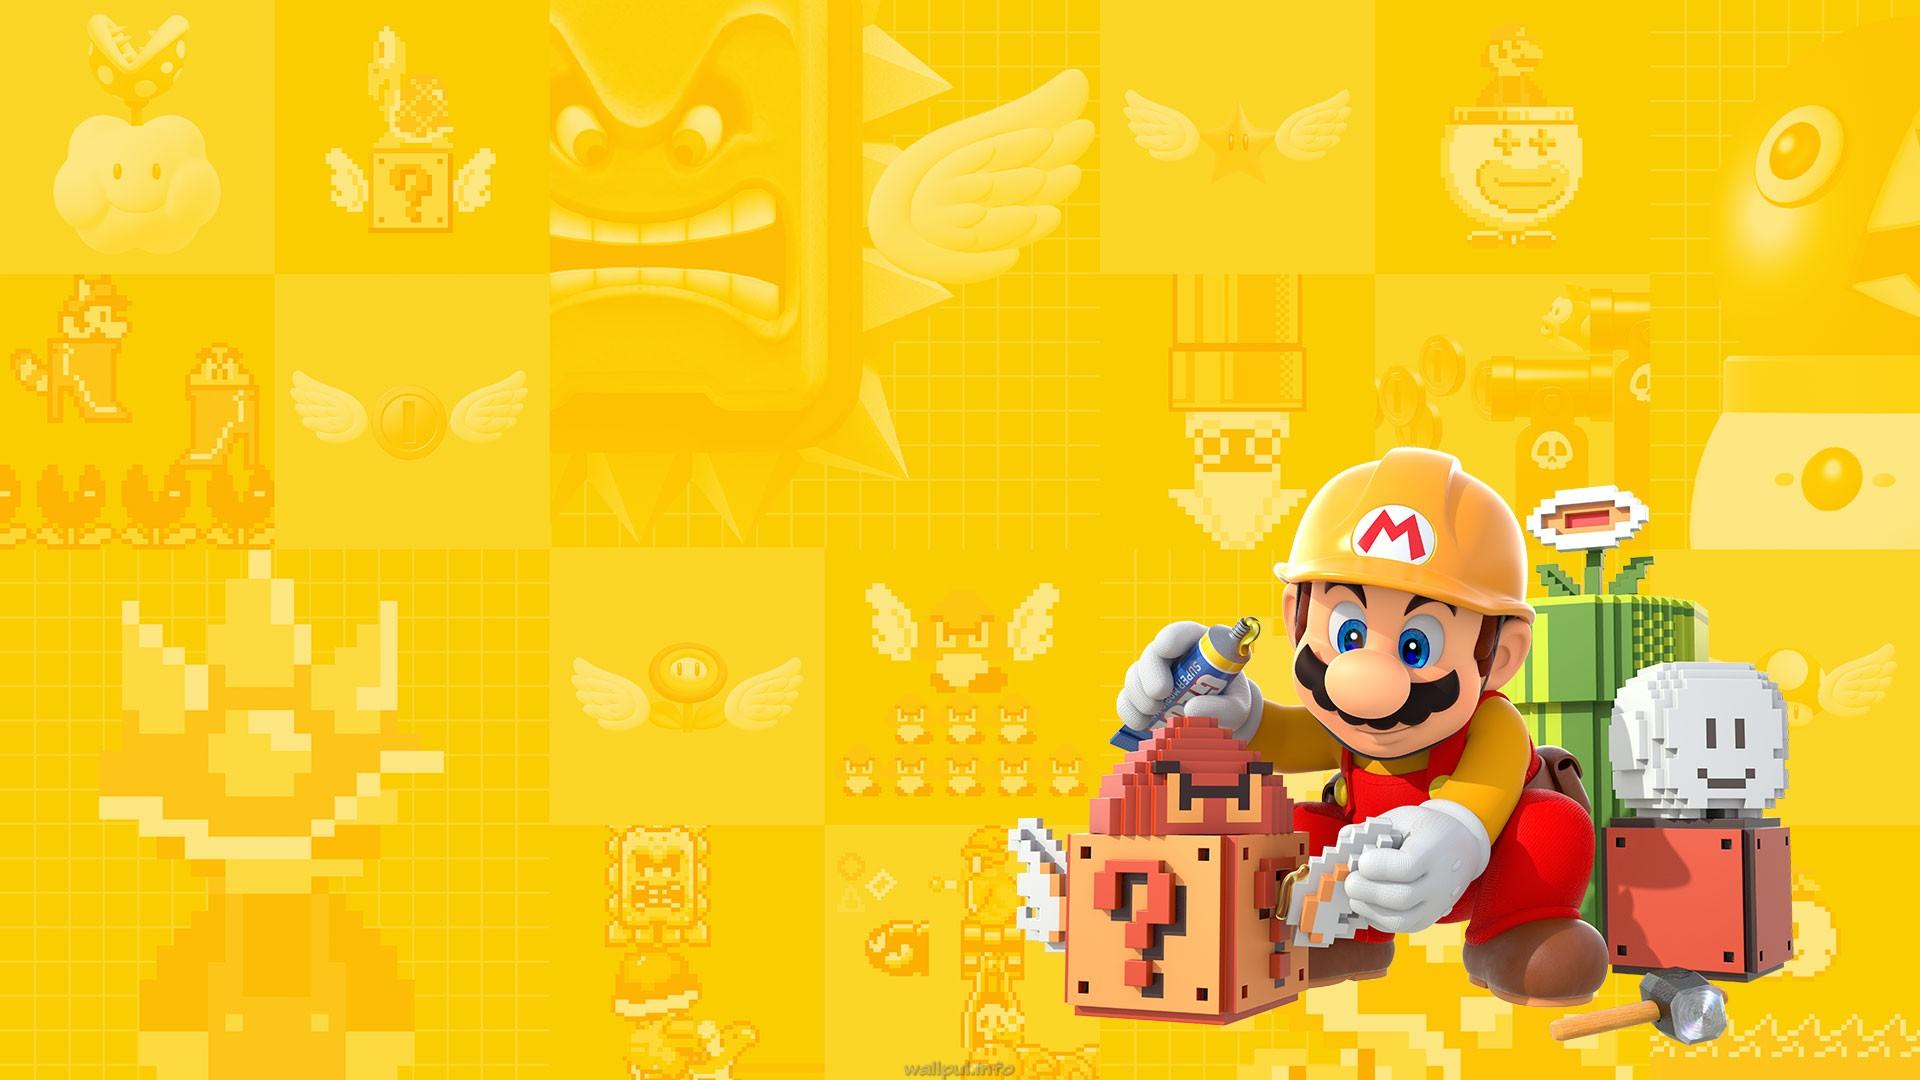 Emoji Wallpaper   Wallpul HD Wallpapers 1920x1080